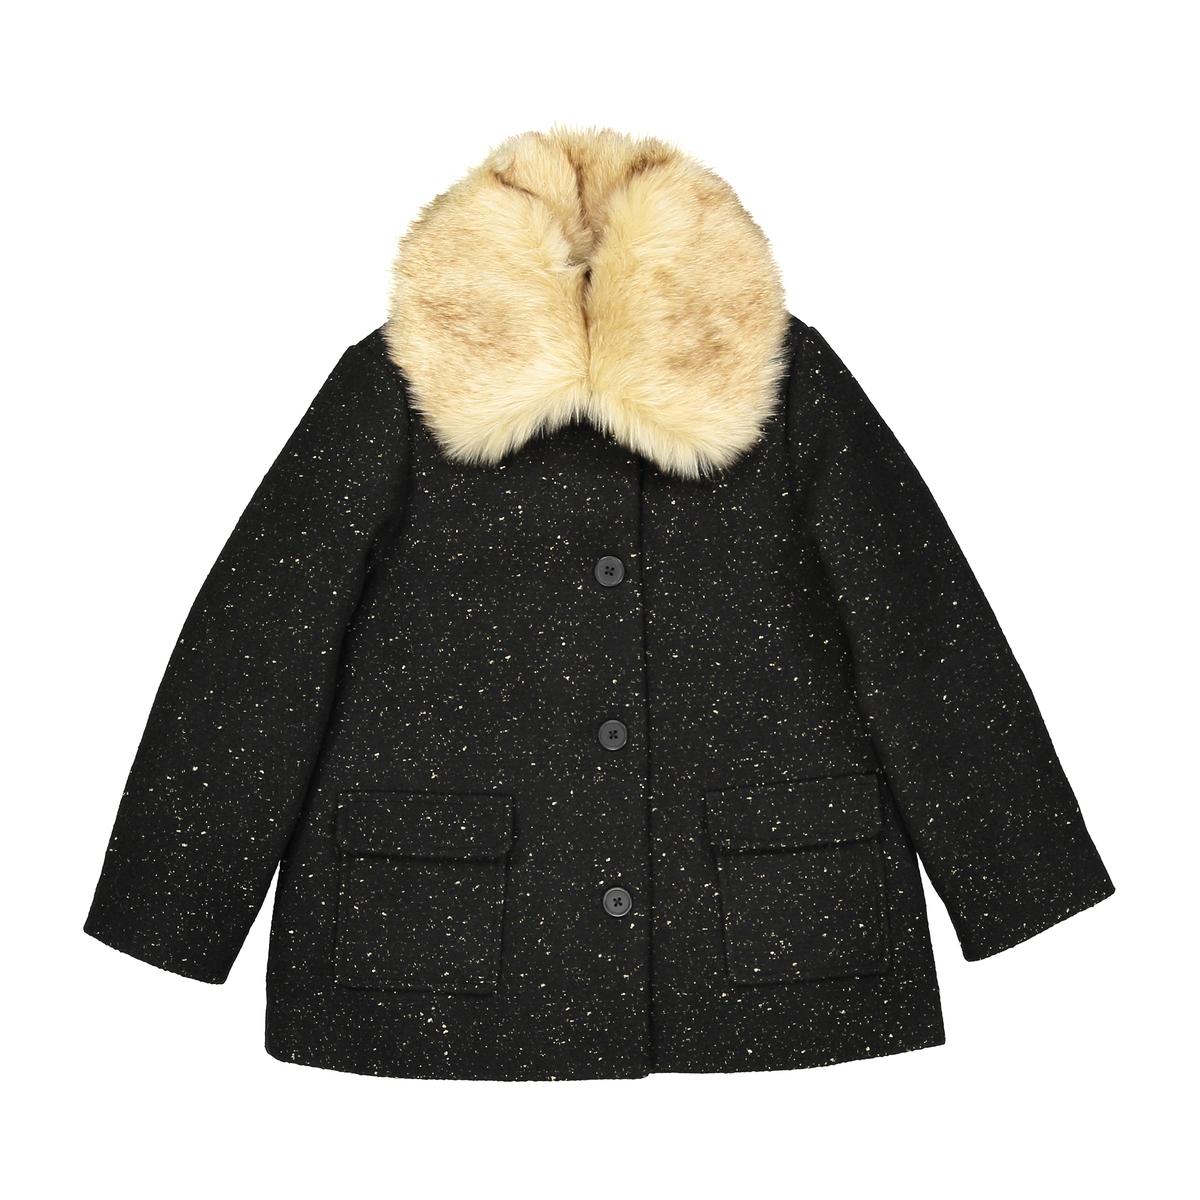 Пальто средней длины со съемным воротником, 3-12 лет